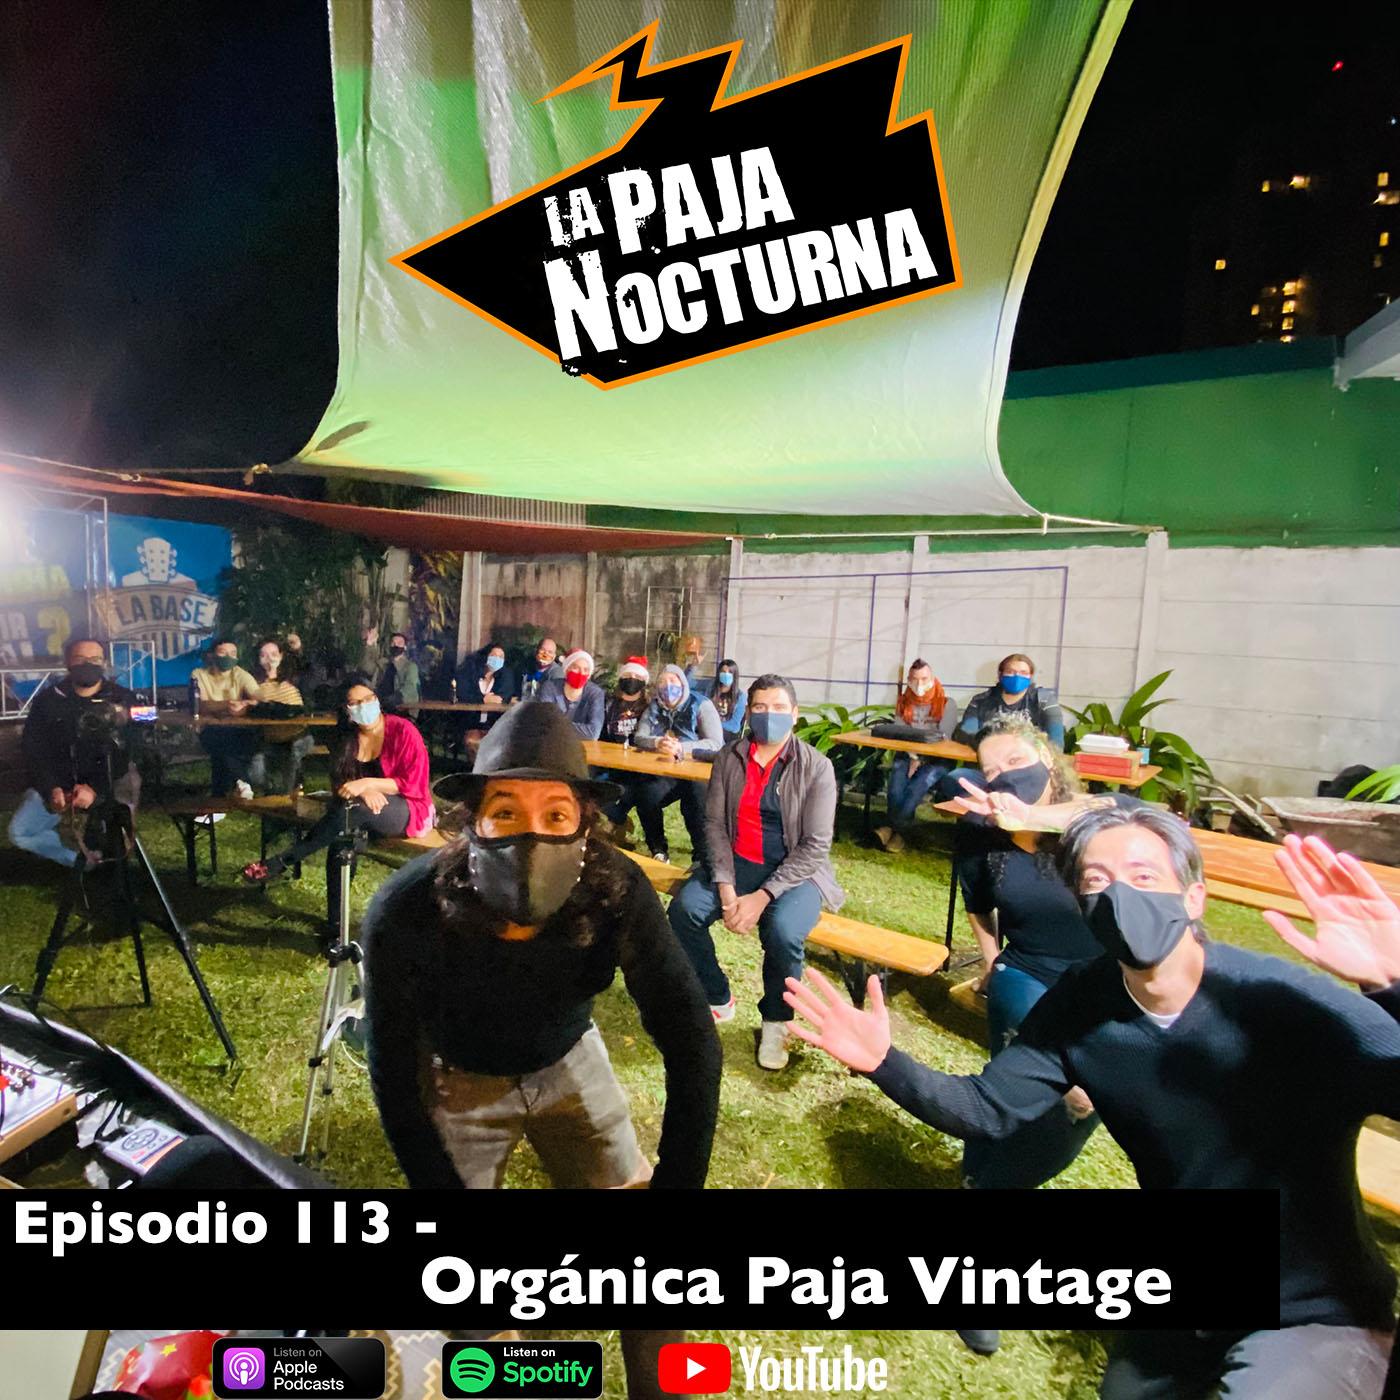 La paja nocturna podcast Episodio 113